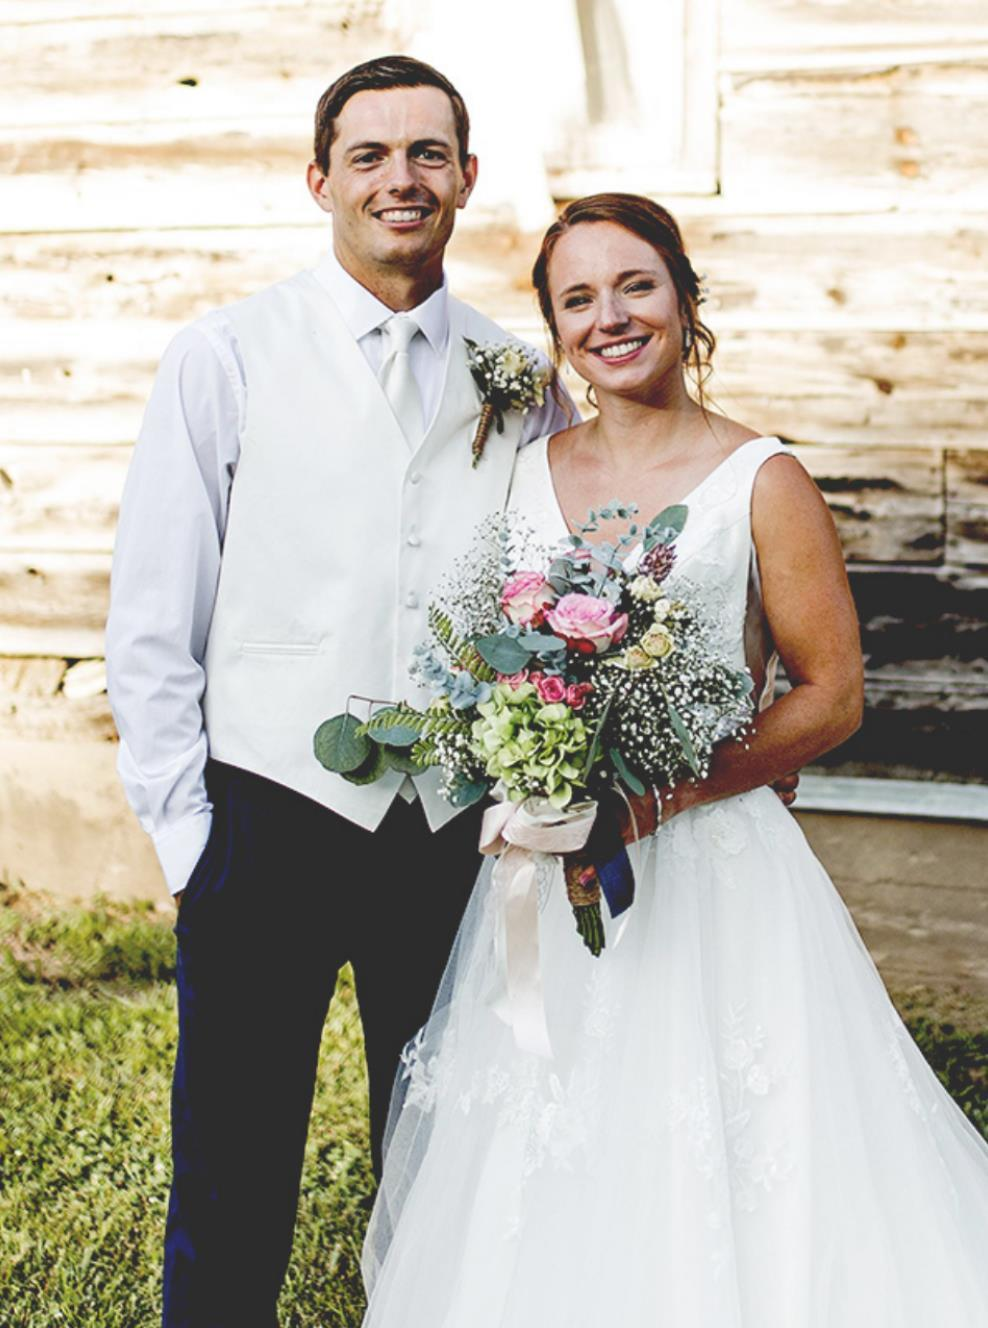 Mr. and Mrs. Daniel Boshart